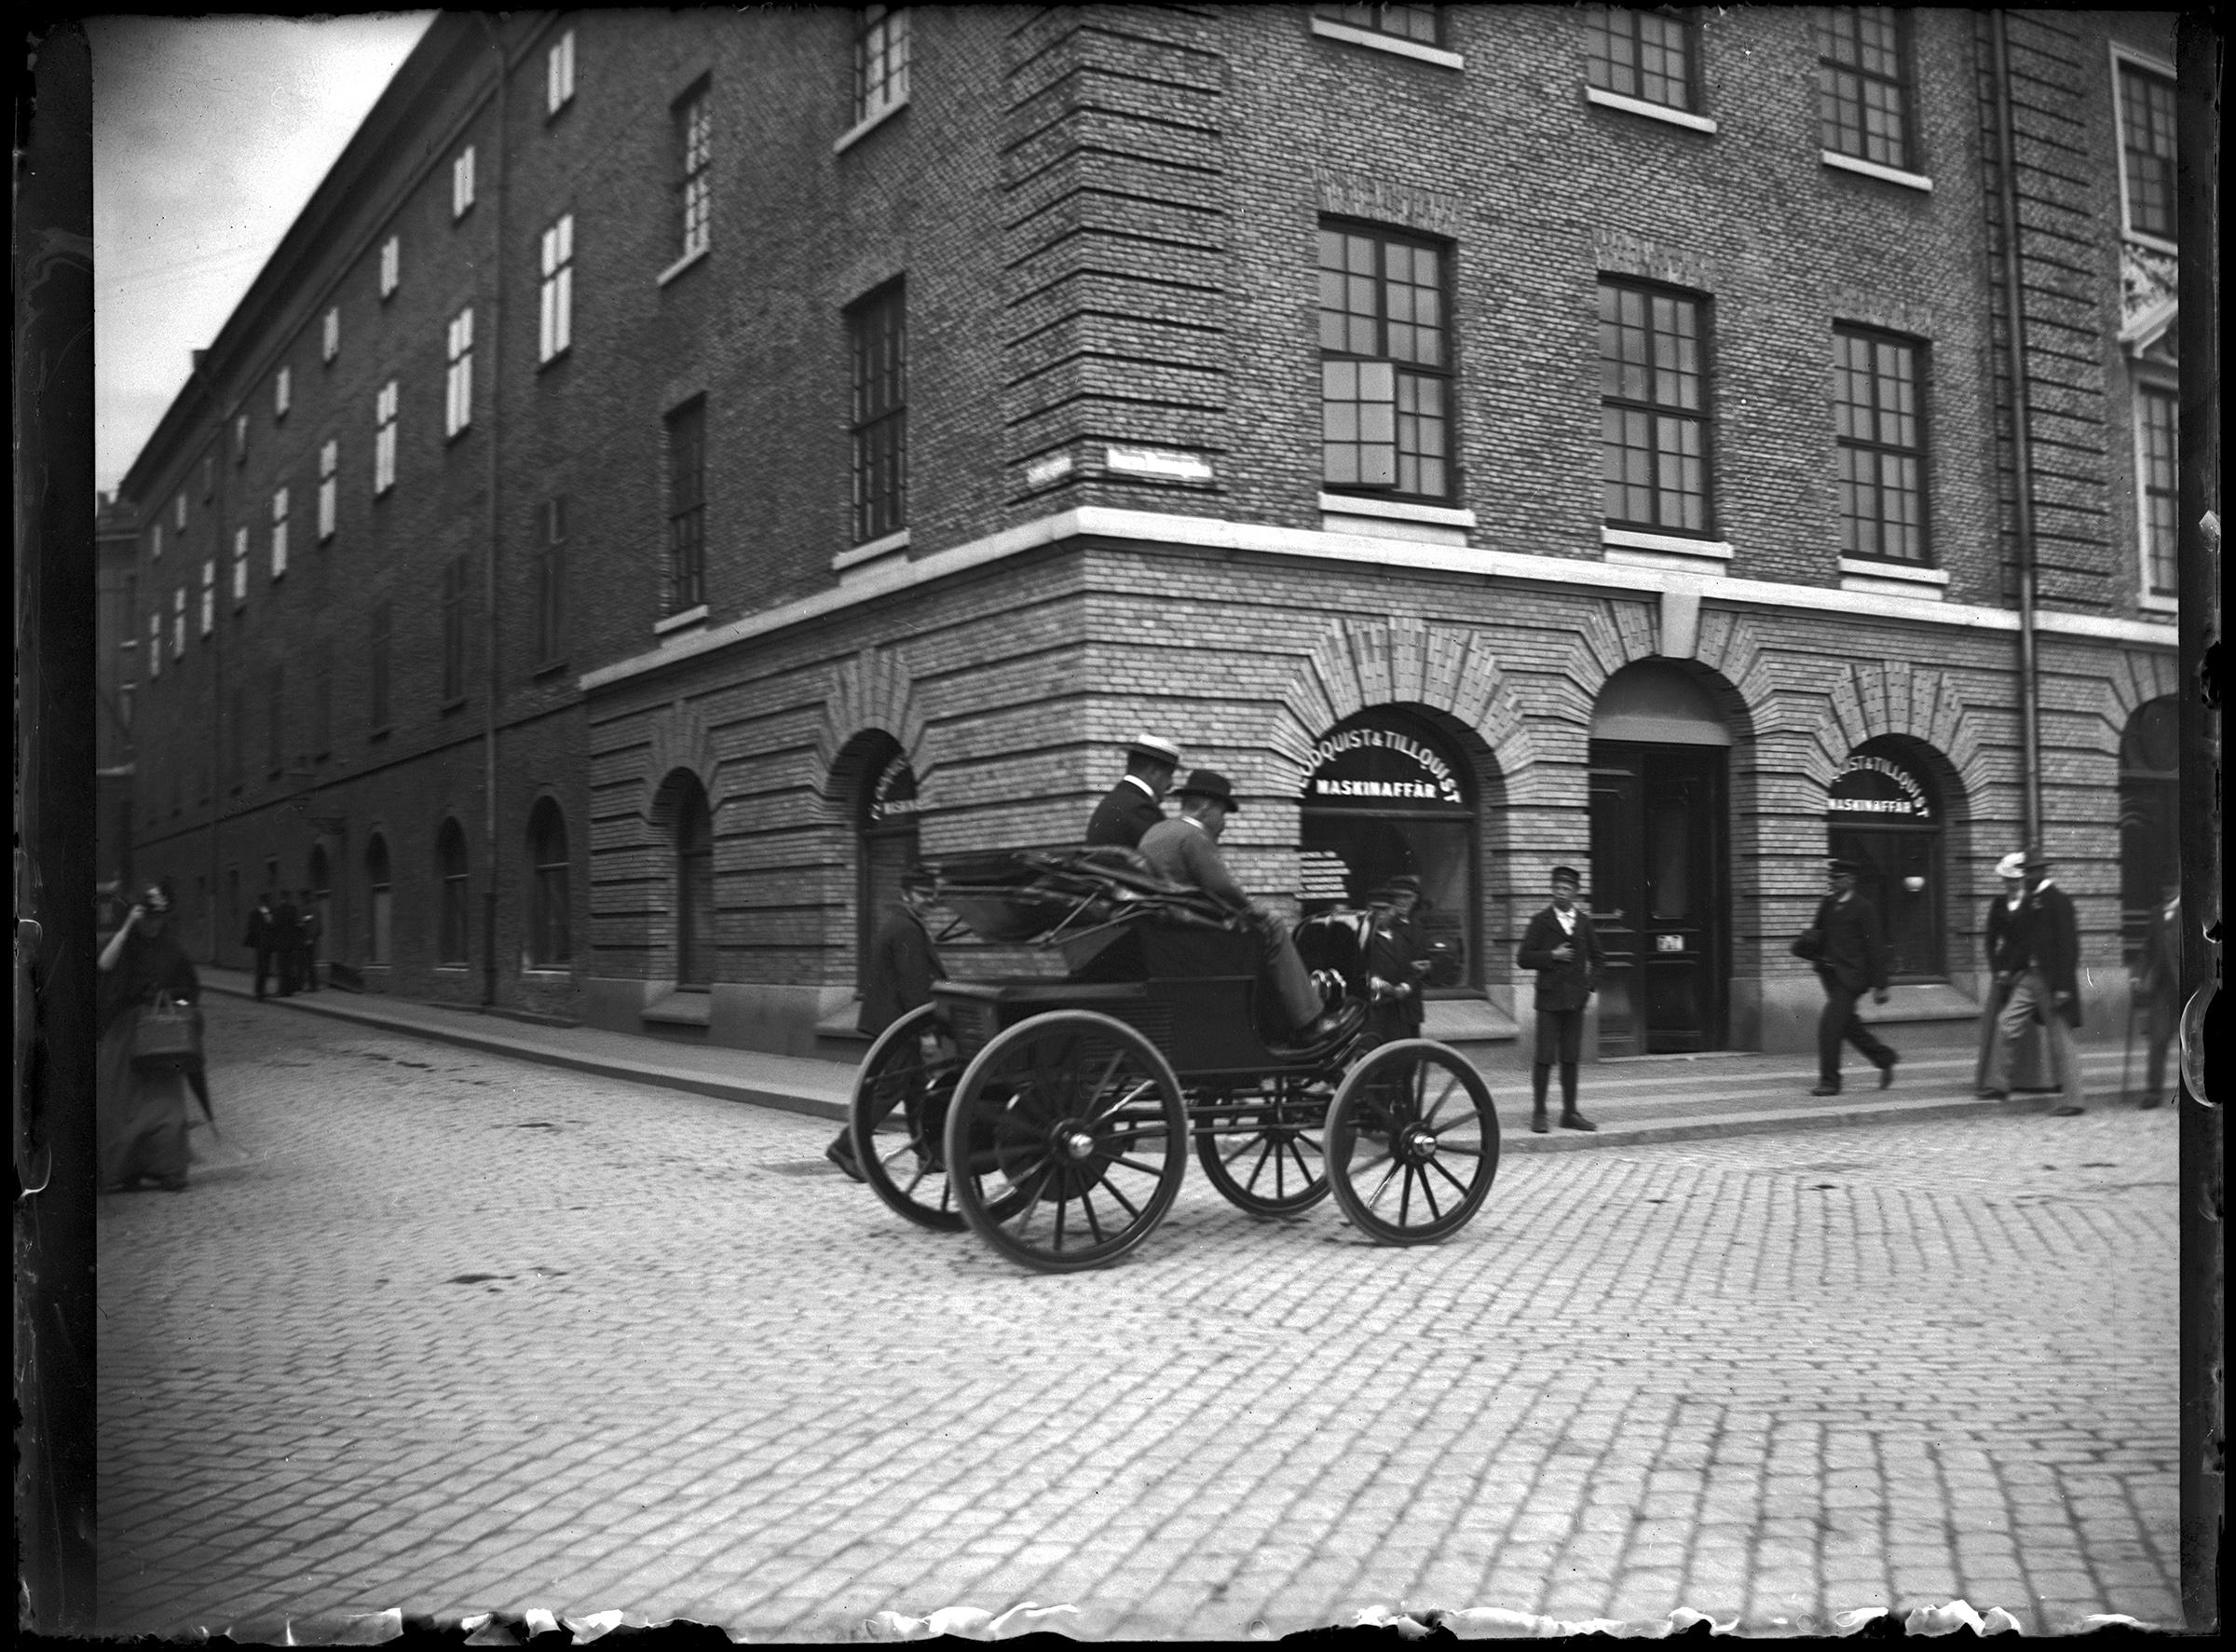 Två män åker i en äldre bil år 1900 medan människor står utmed gatan och kollar på.